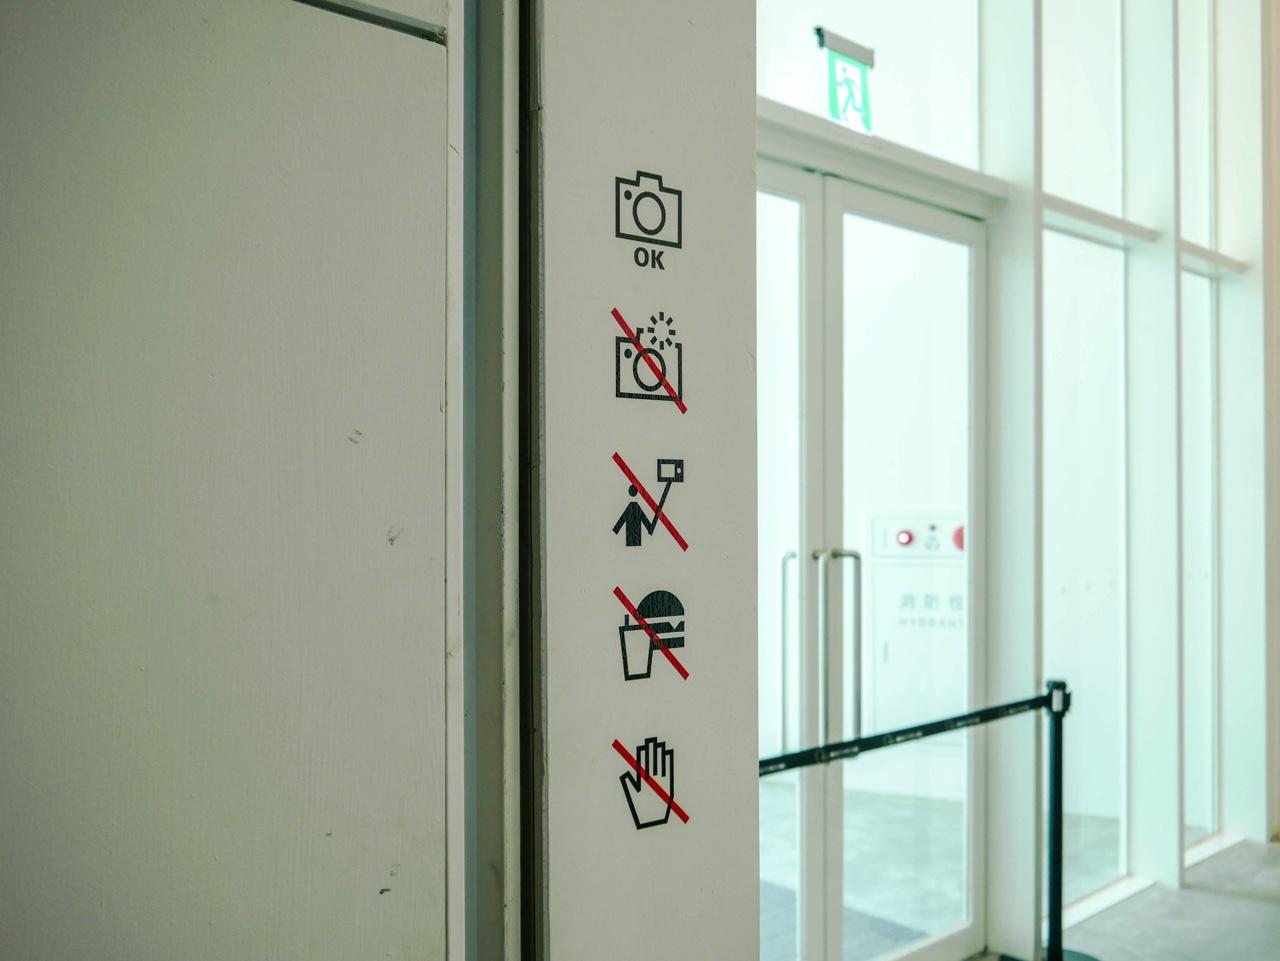 展示スペースの禁止事項